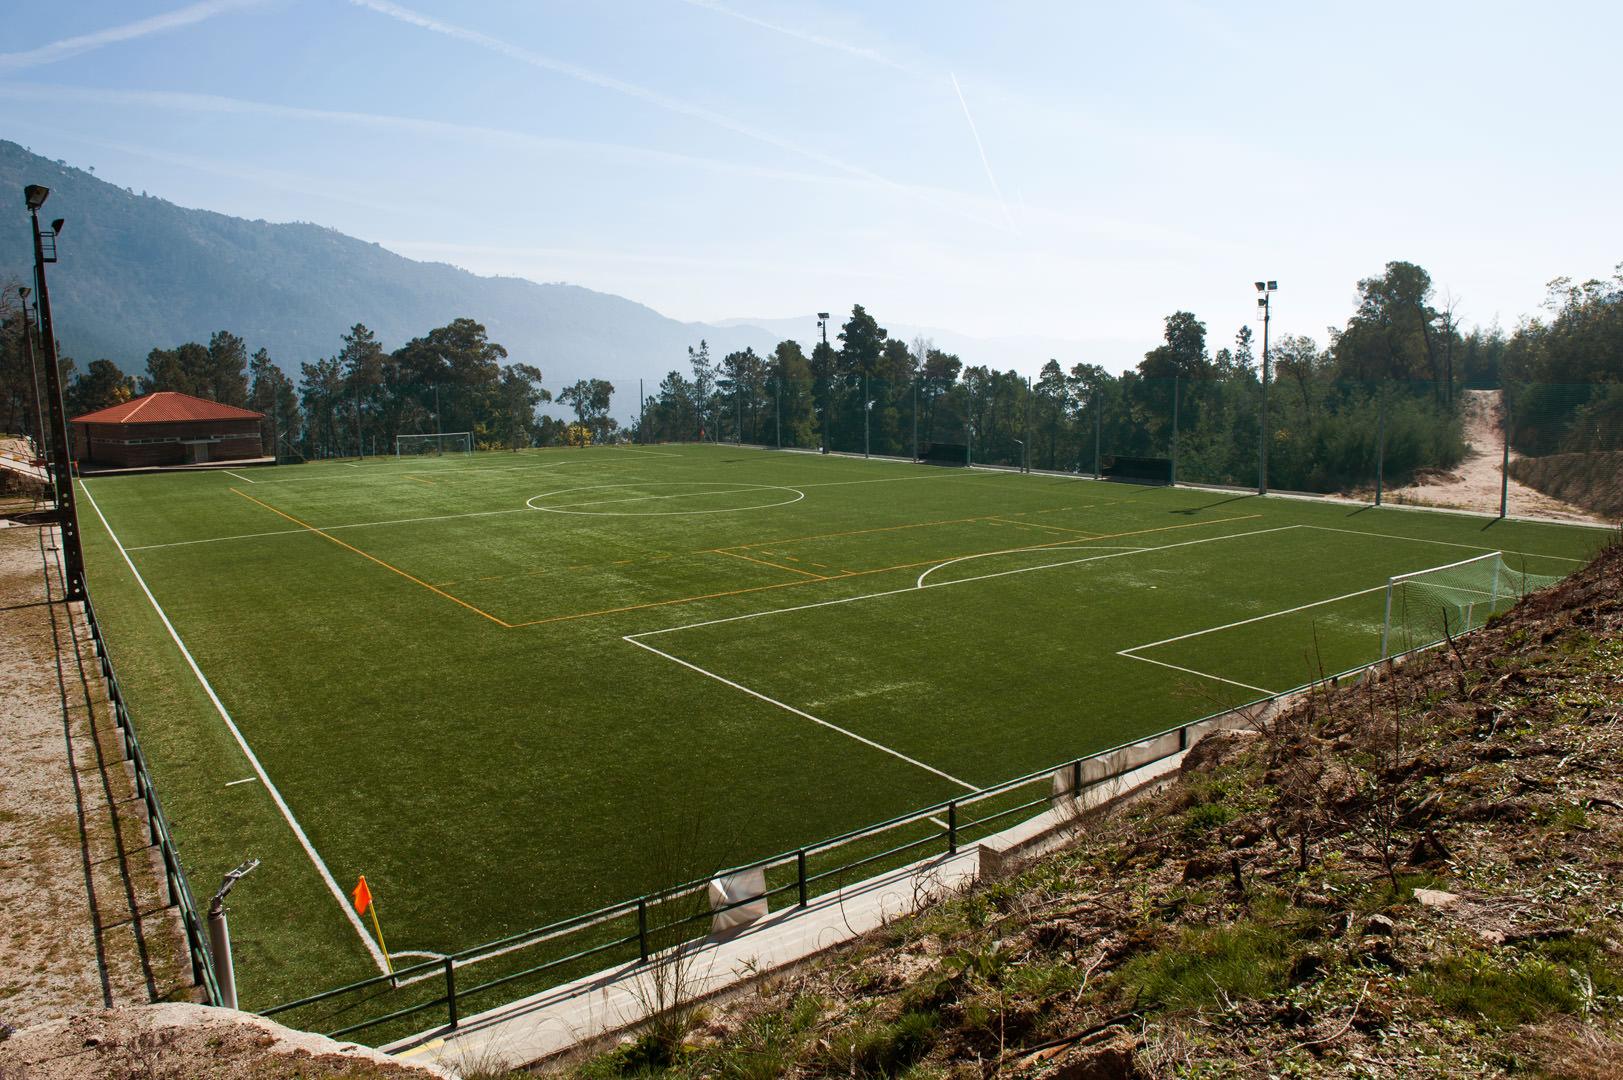 Grupo Desportivo do Gerês FOOTBALL FIELD  - Synthetic Grass Construction